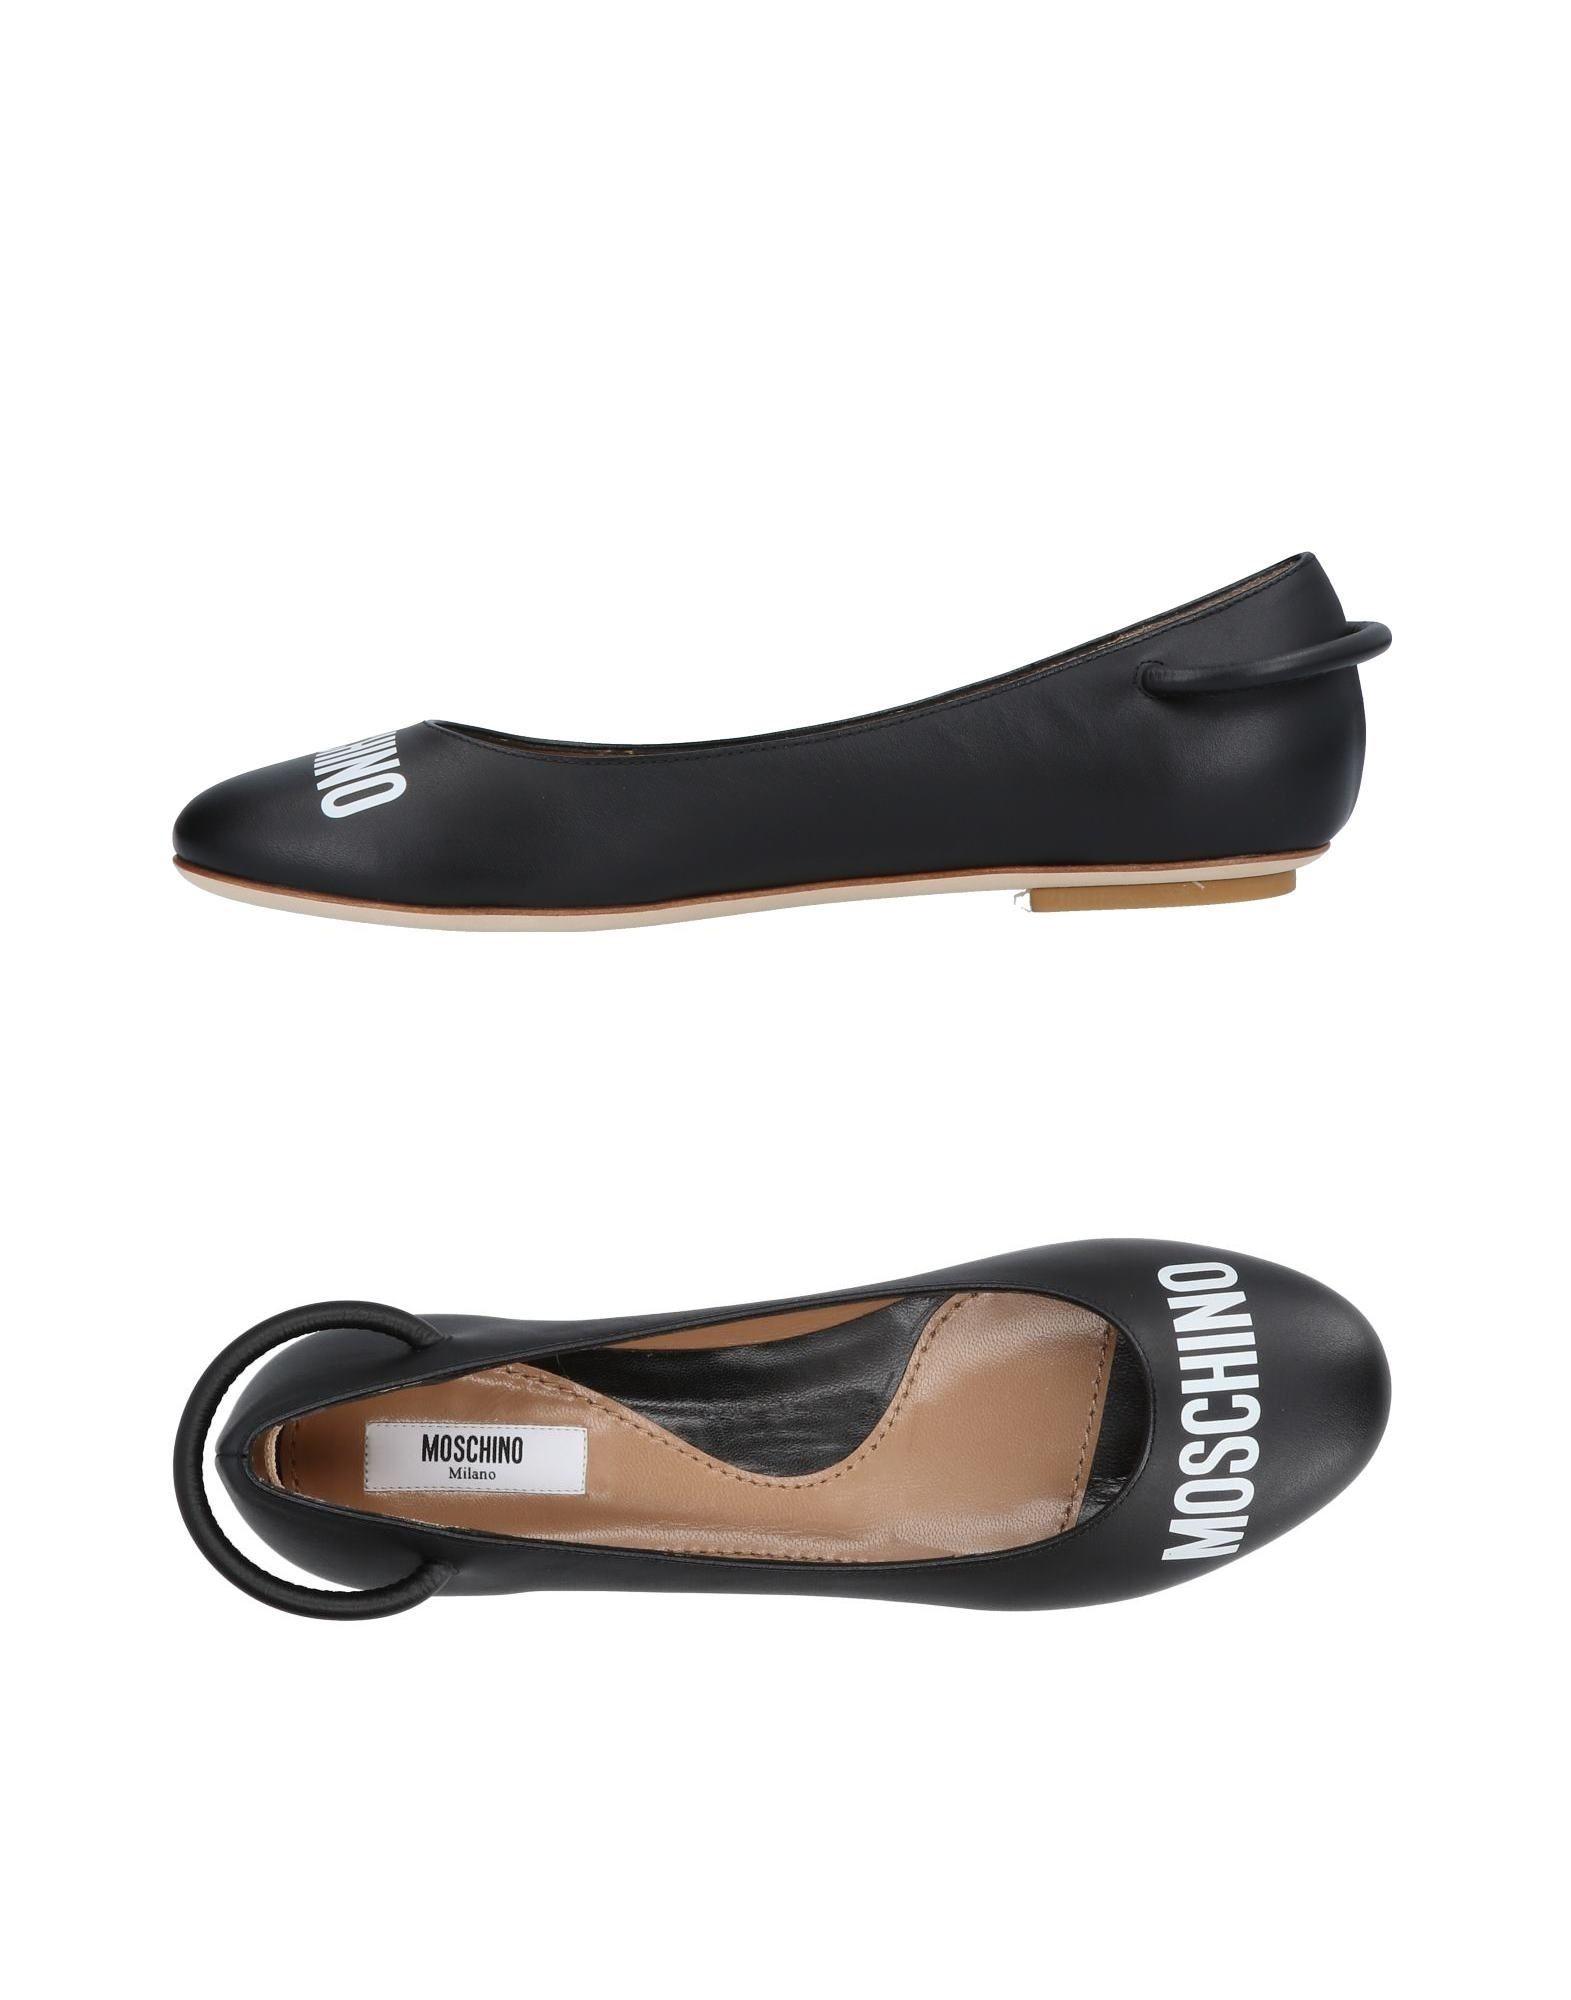 Haltbare Mode billige Schuhe Moschino Ballerinas Damen  11451119WV Heiße Schuhe